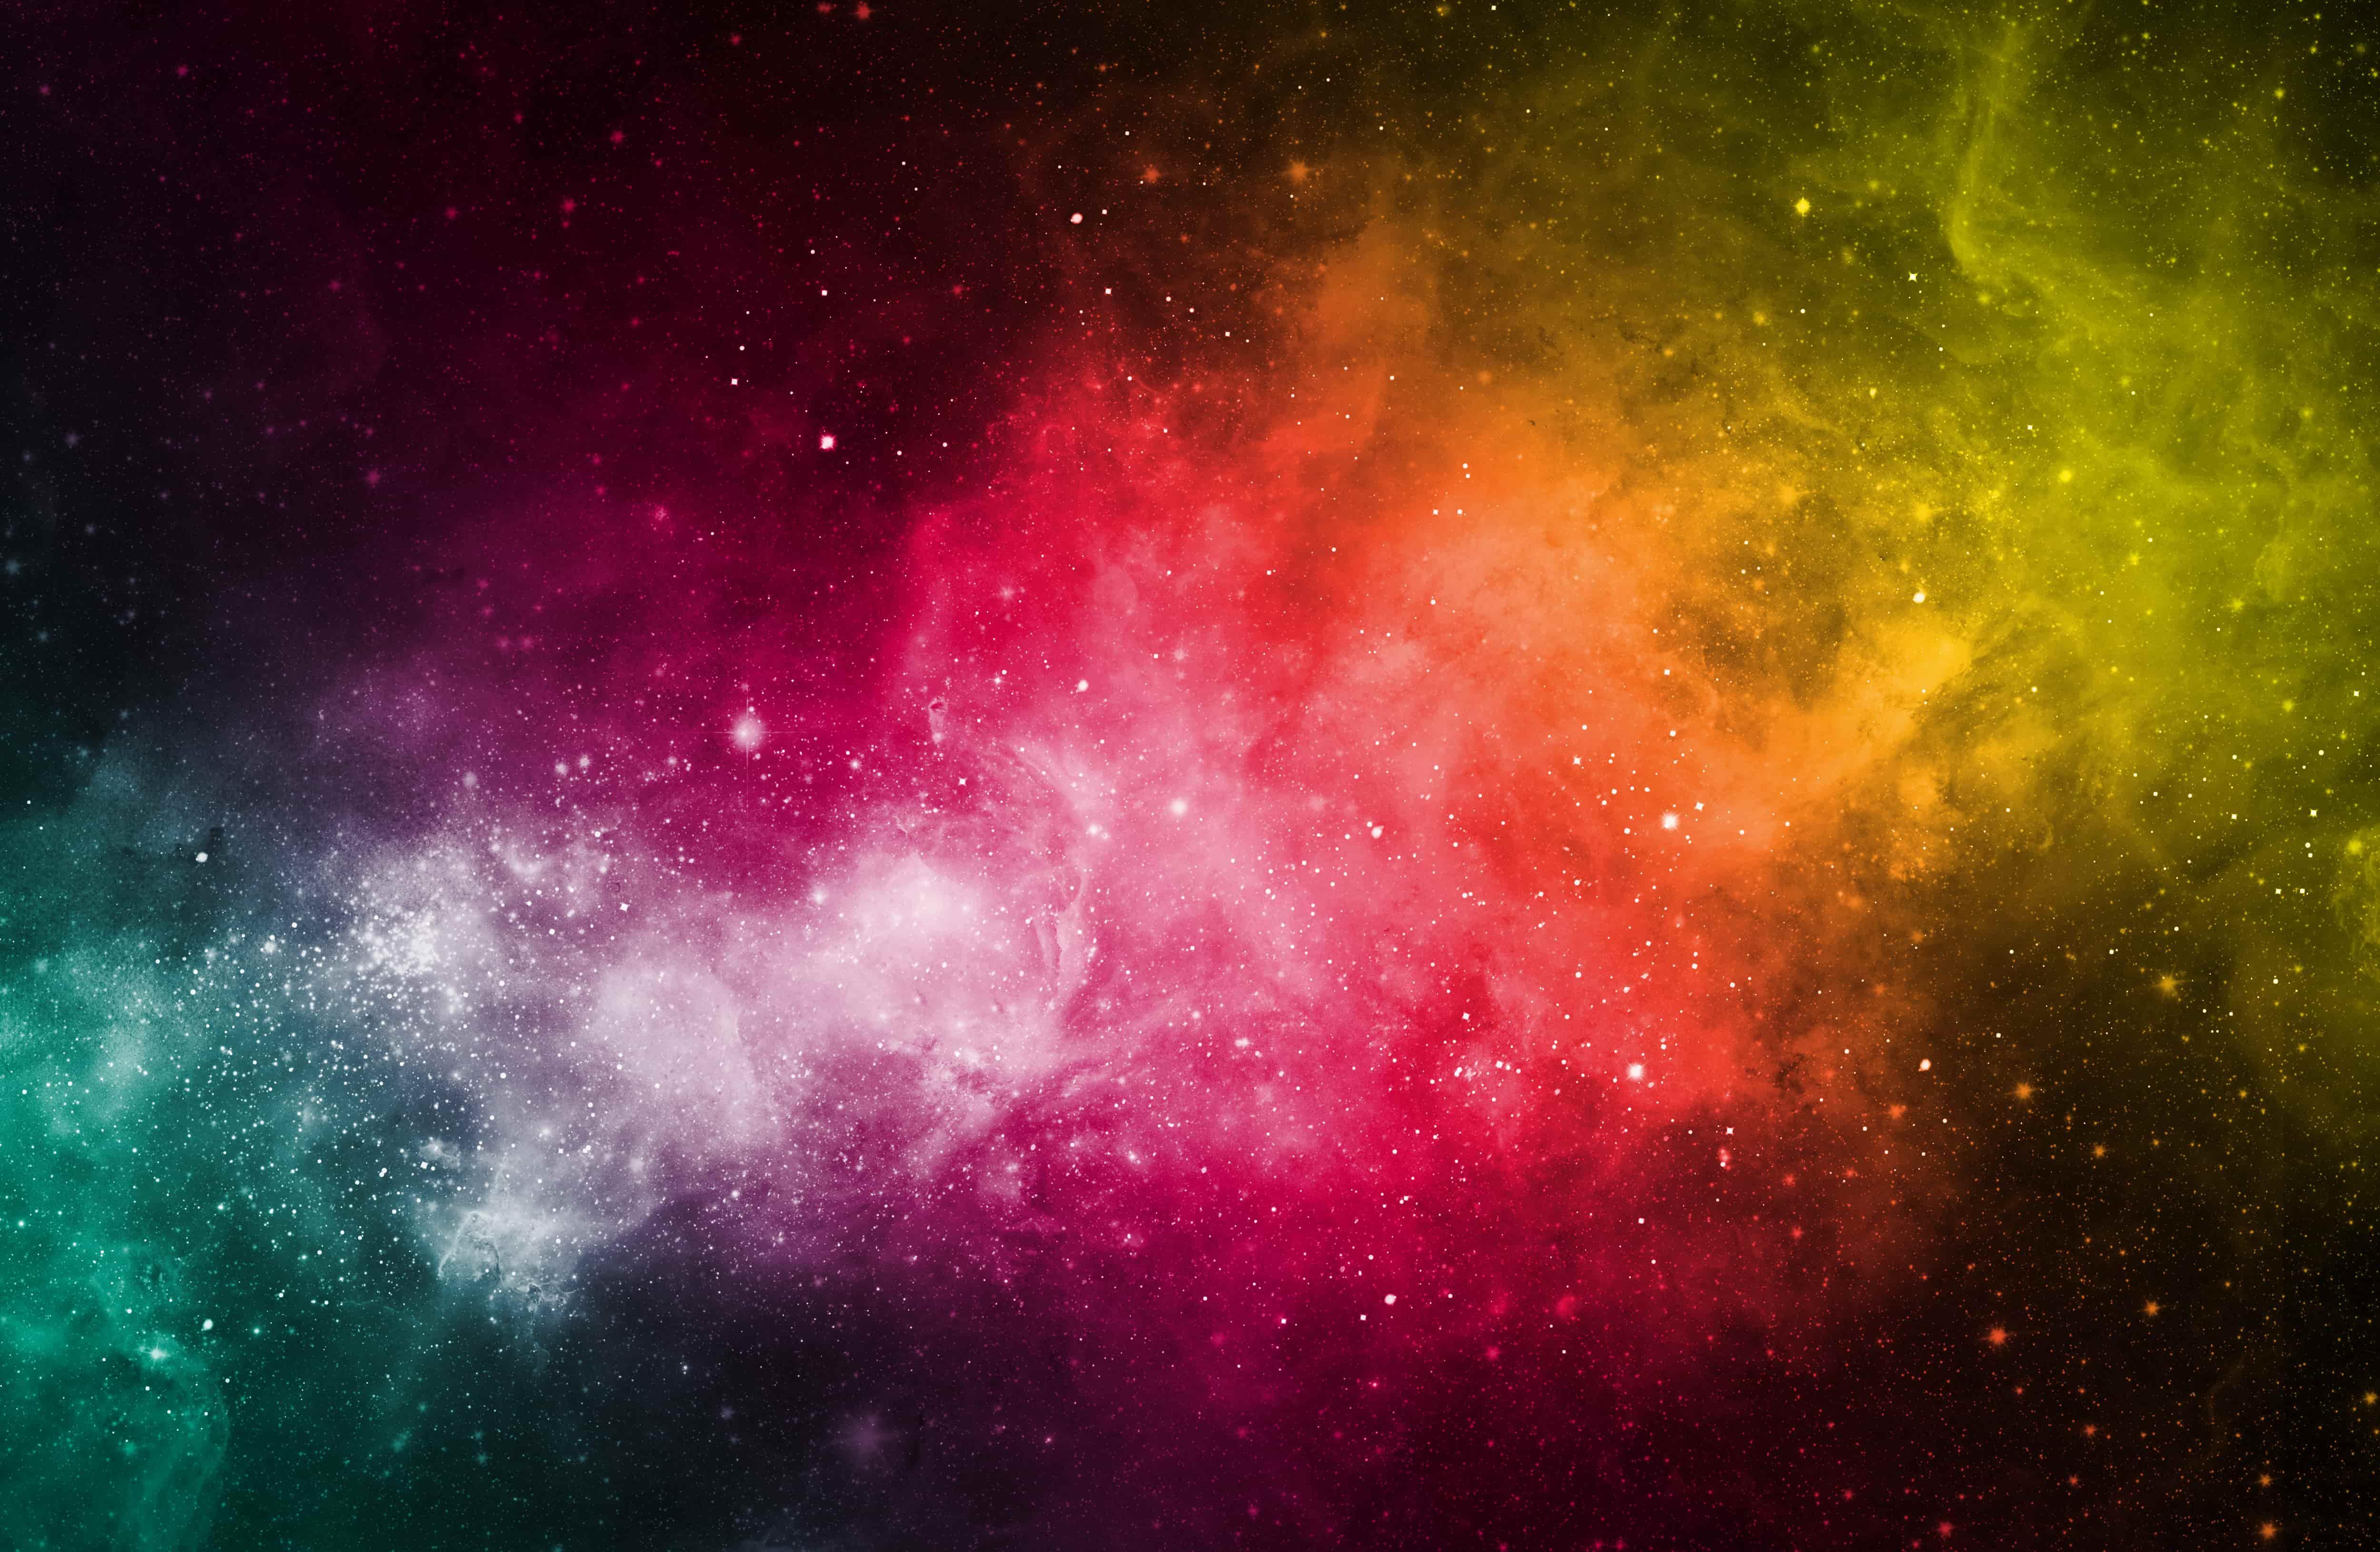 centro spazio infinito